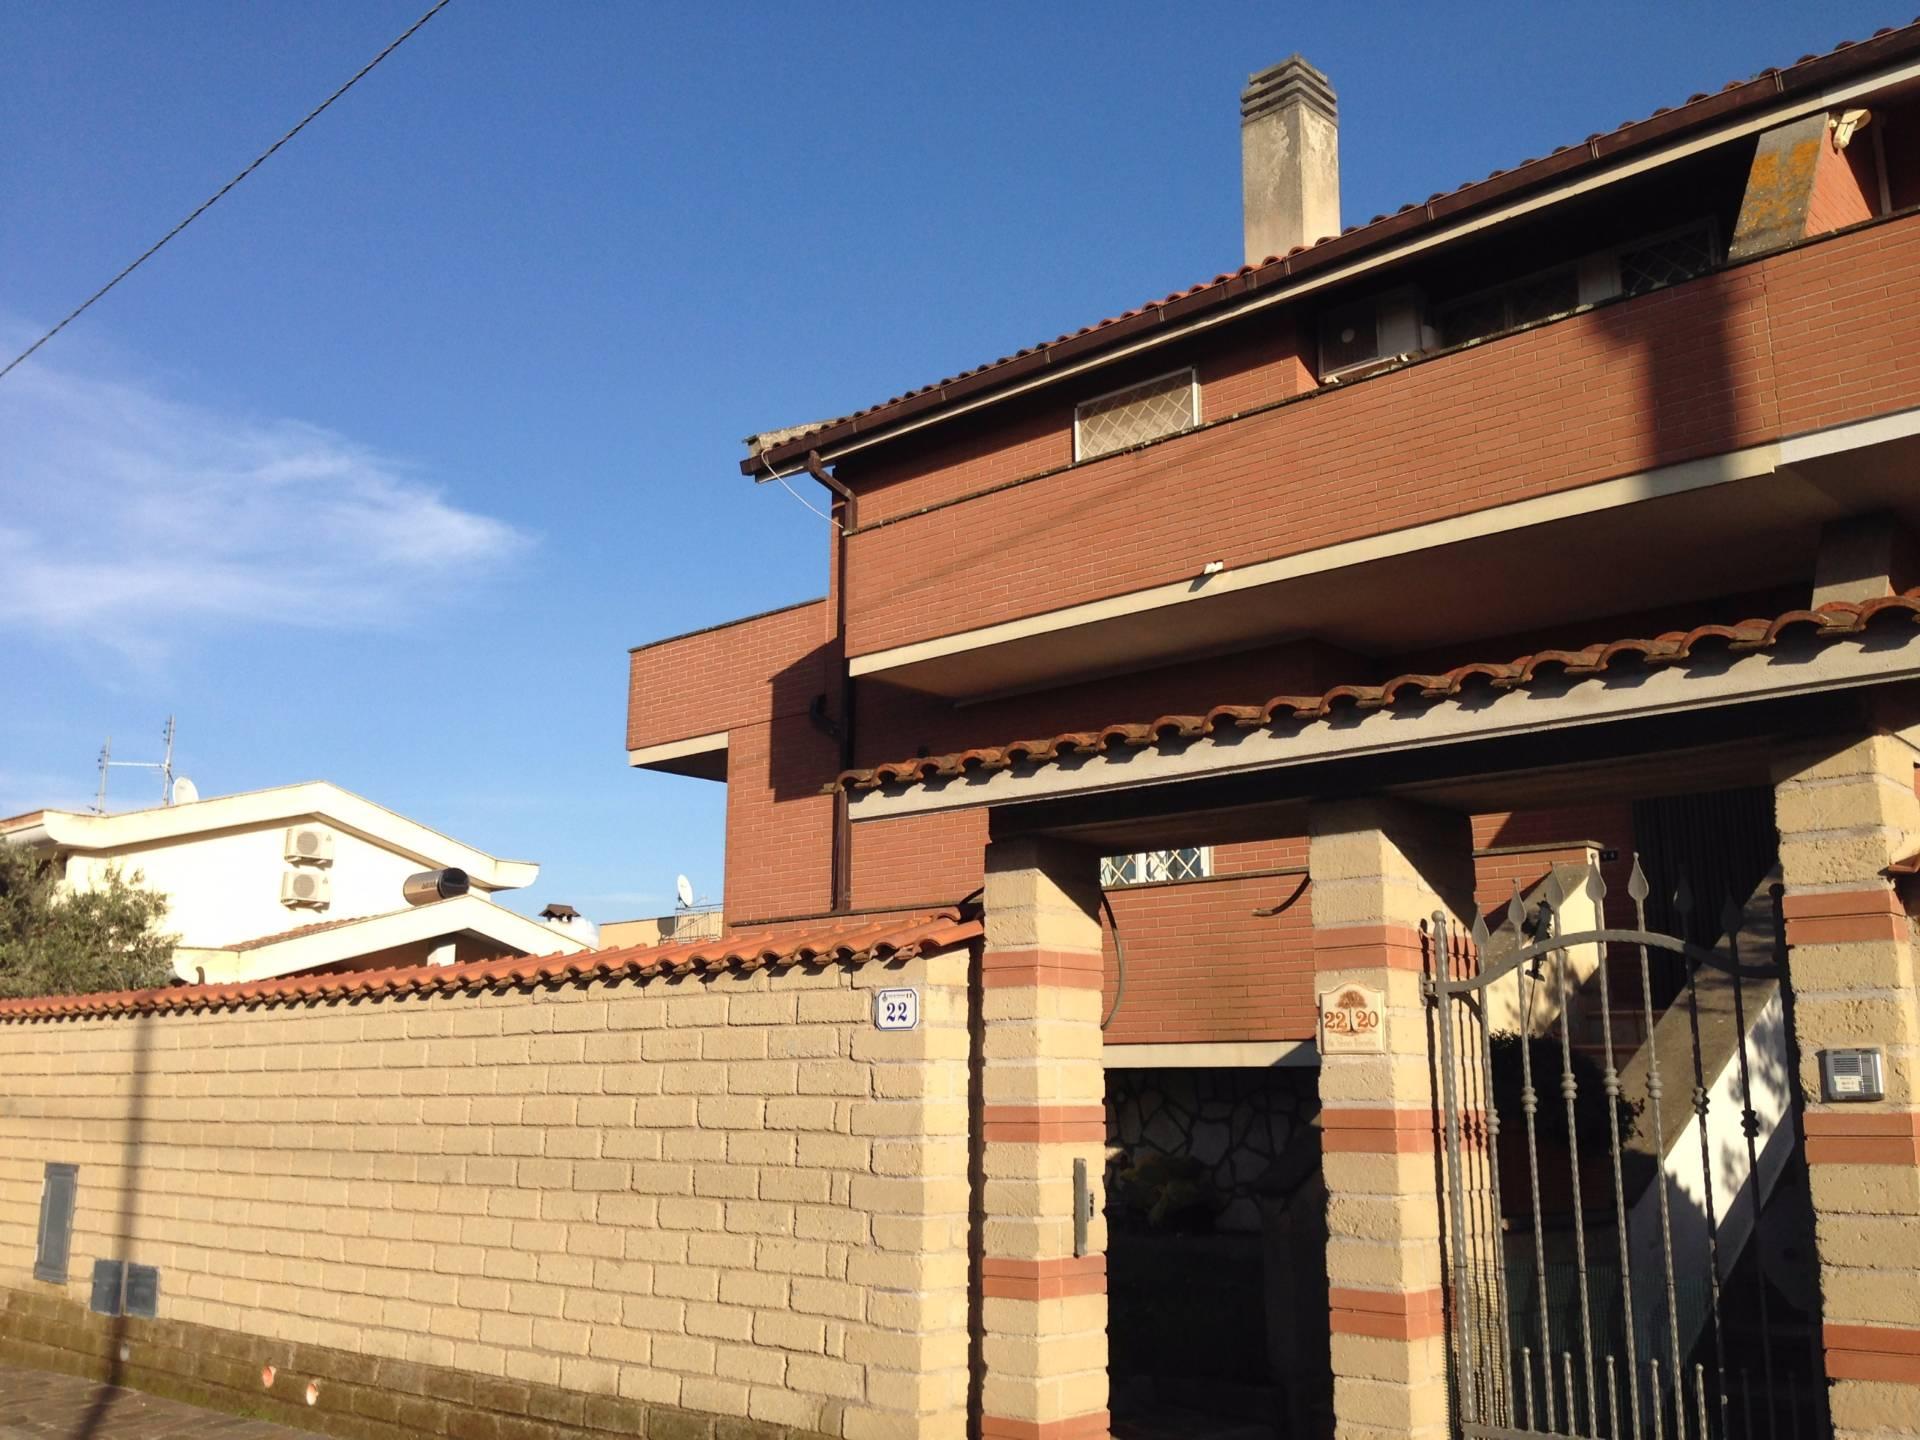 Villa in vendita a Nettuno, 6 locali, zona Zona: Cioccati, prezzo € 280.000 | Cambio Casa.it